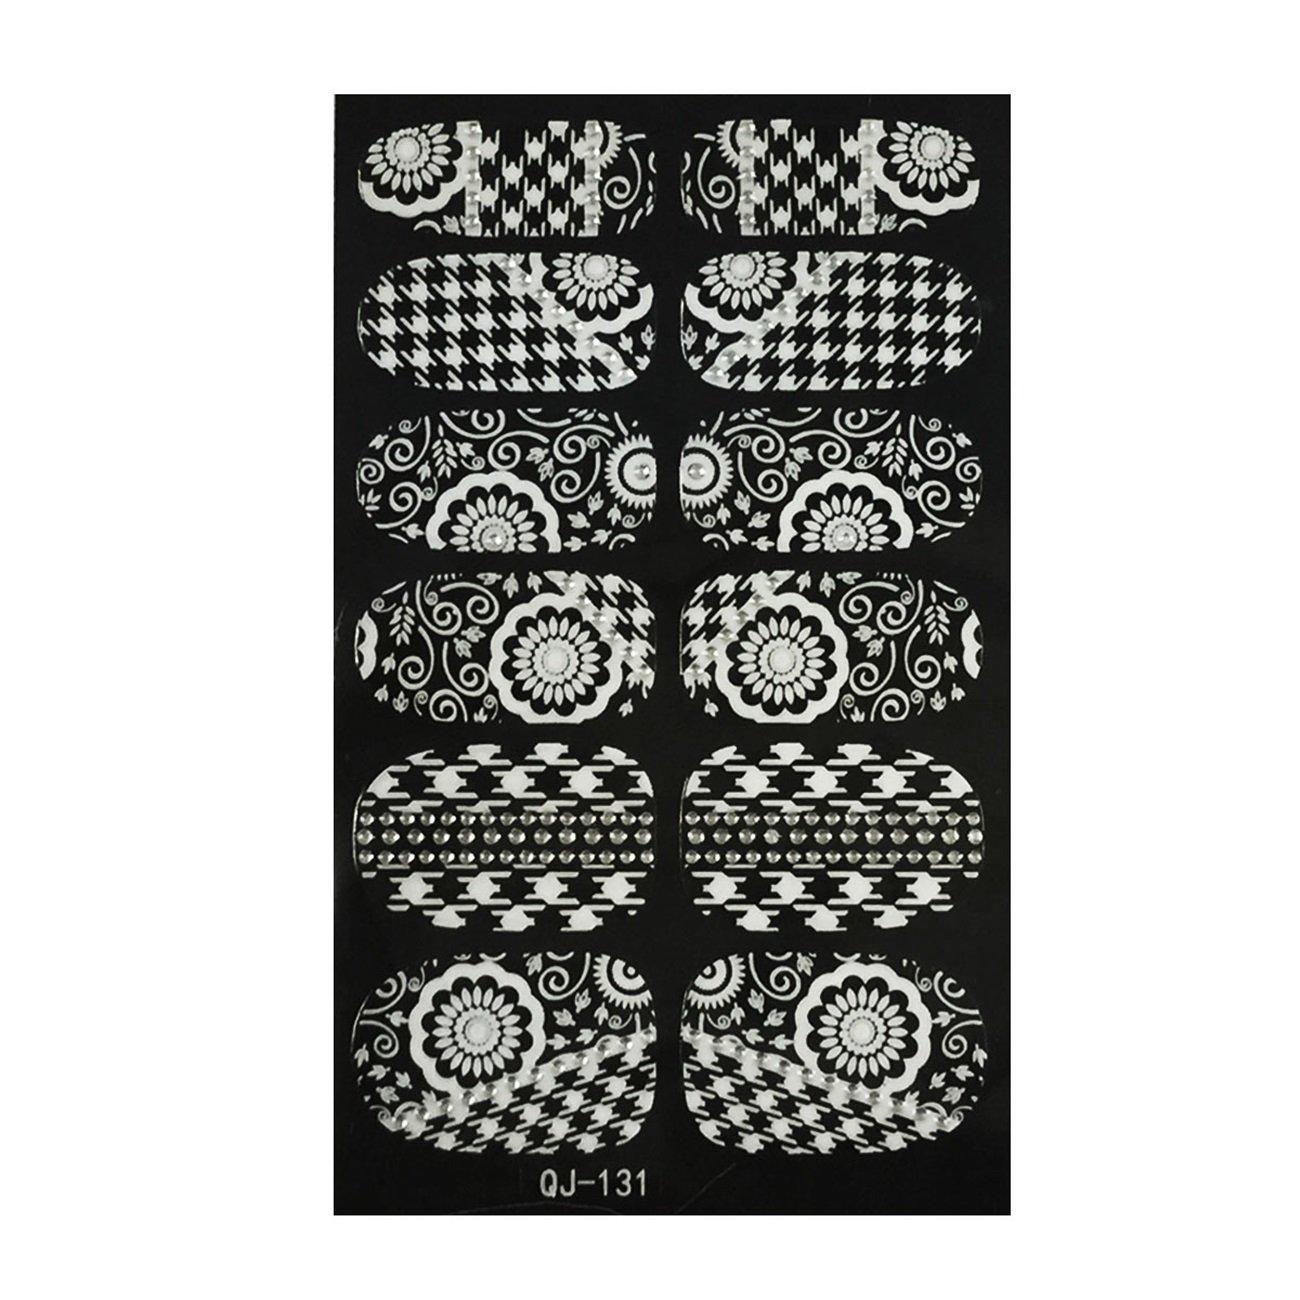 【最安値】 Wrapables Decoファッショナブルなネイルアートステッカー B00WXOKLDC、ブラックとホワイト Wrapables B00WXOKLDC, よかねっとはかた:ff469031 --- mvd.ee